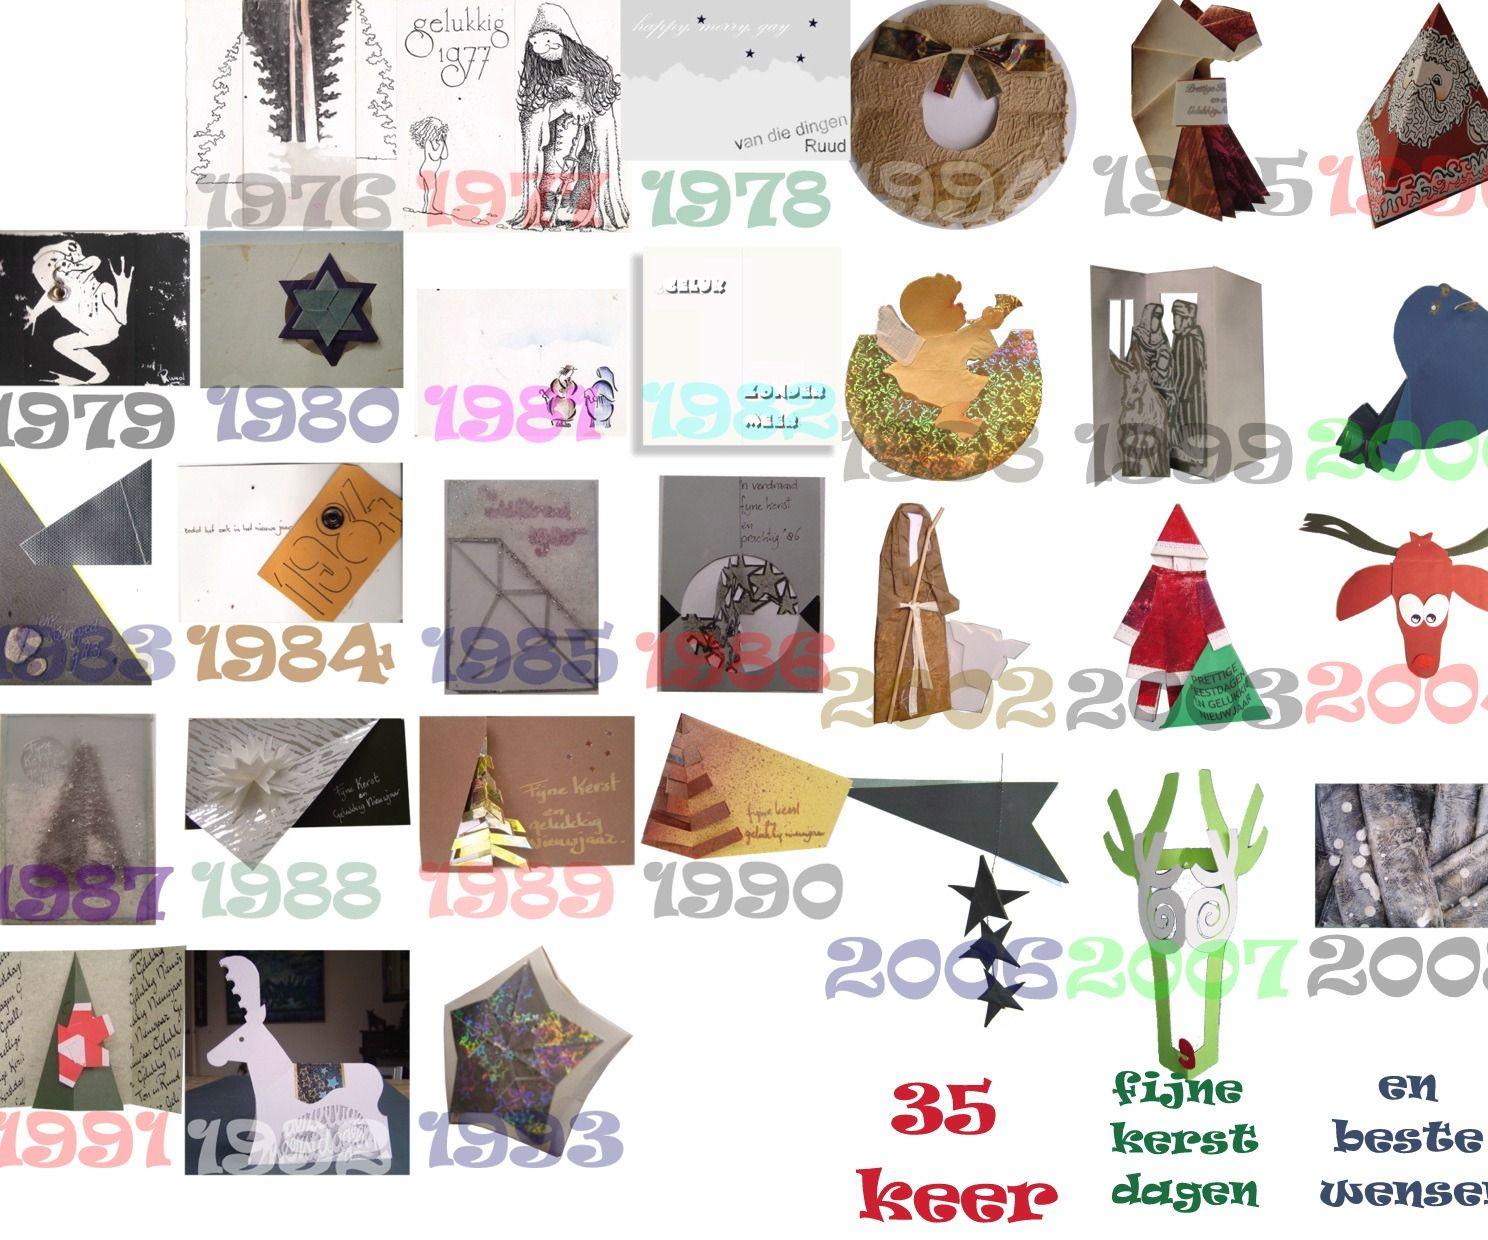 10 original 3D christmas cards